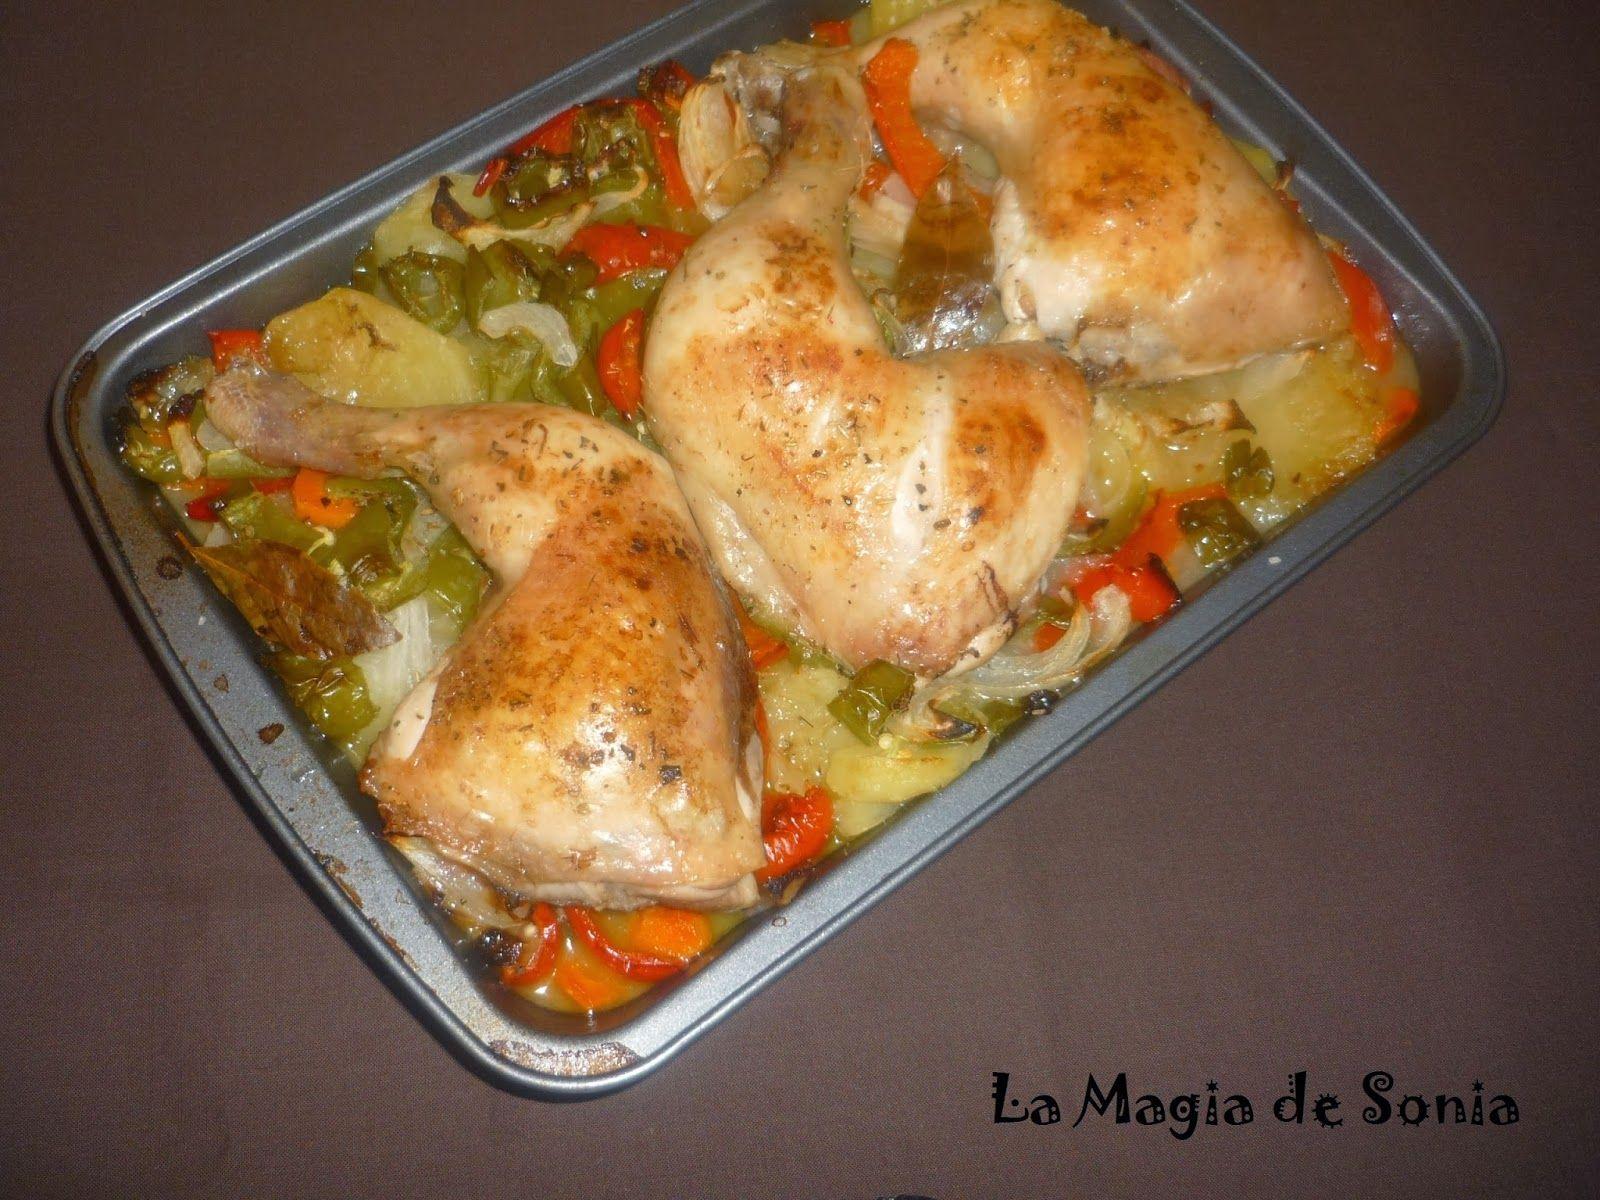 La Magia de Sonia: Muslos de pollo asado con patatas y verduras variadas.